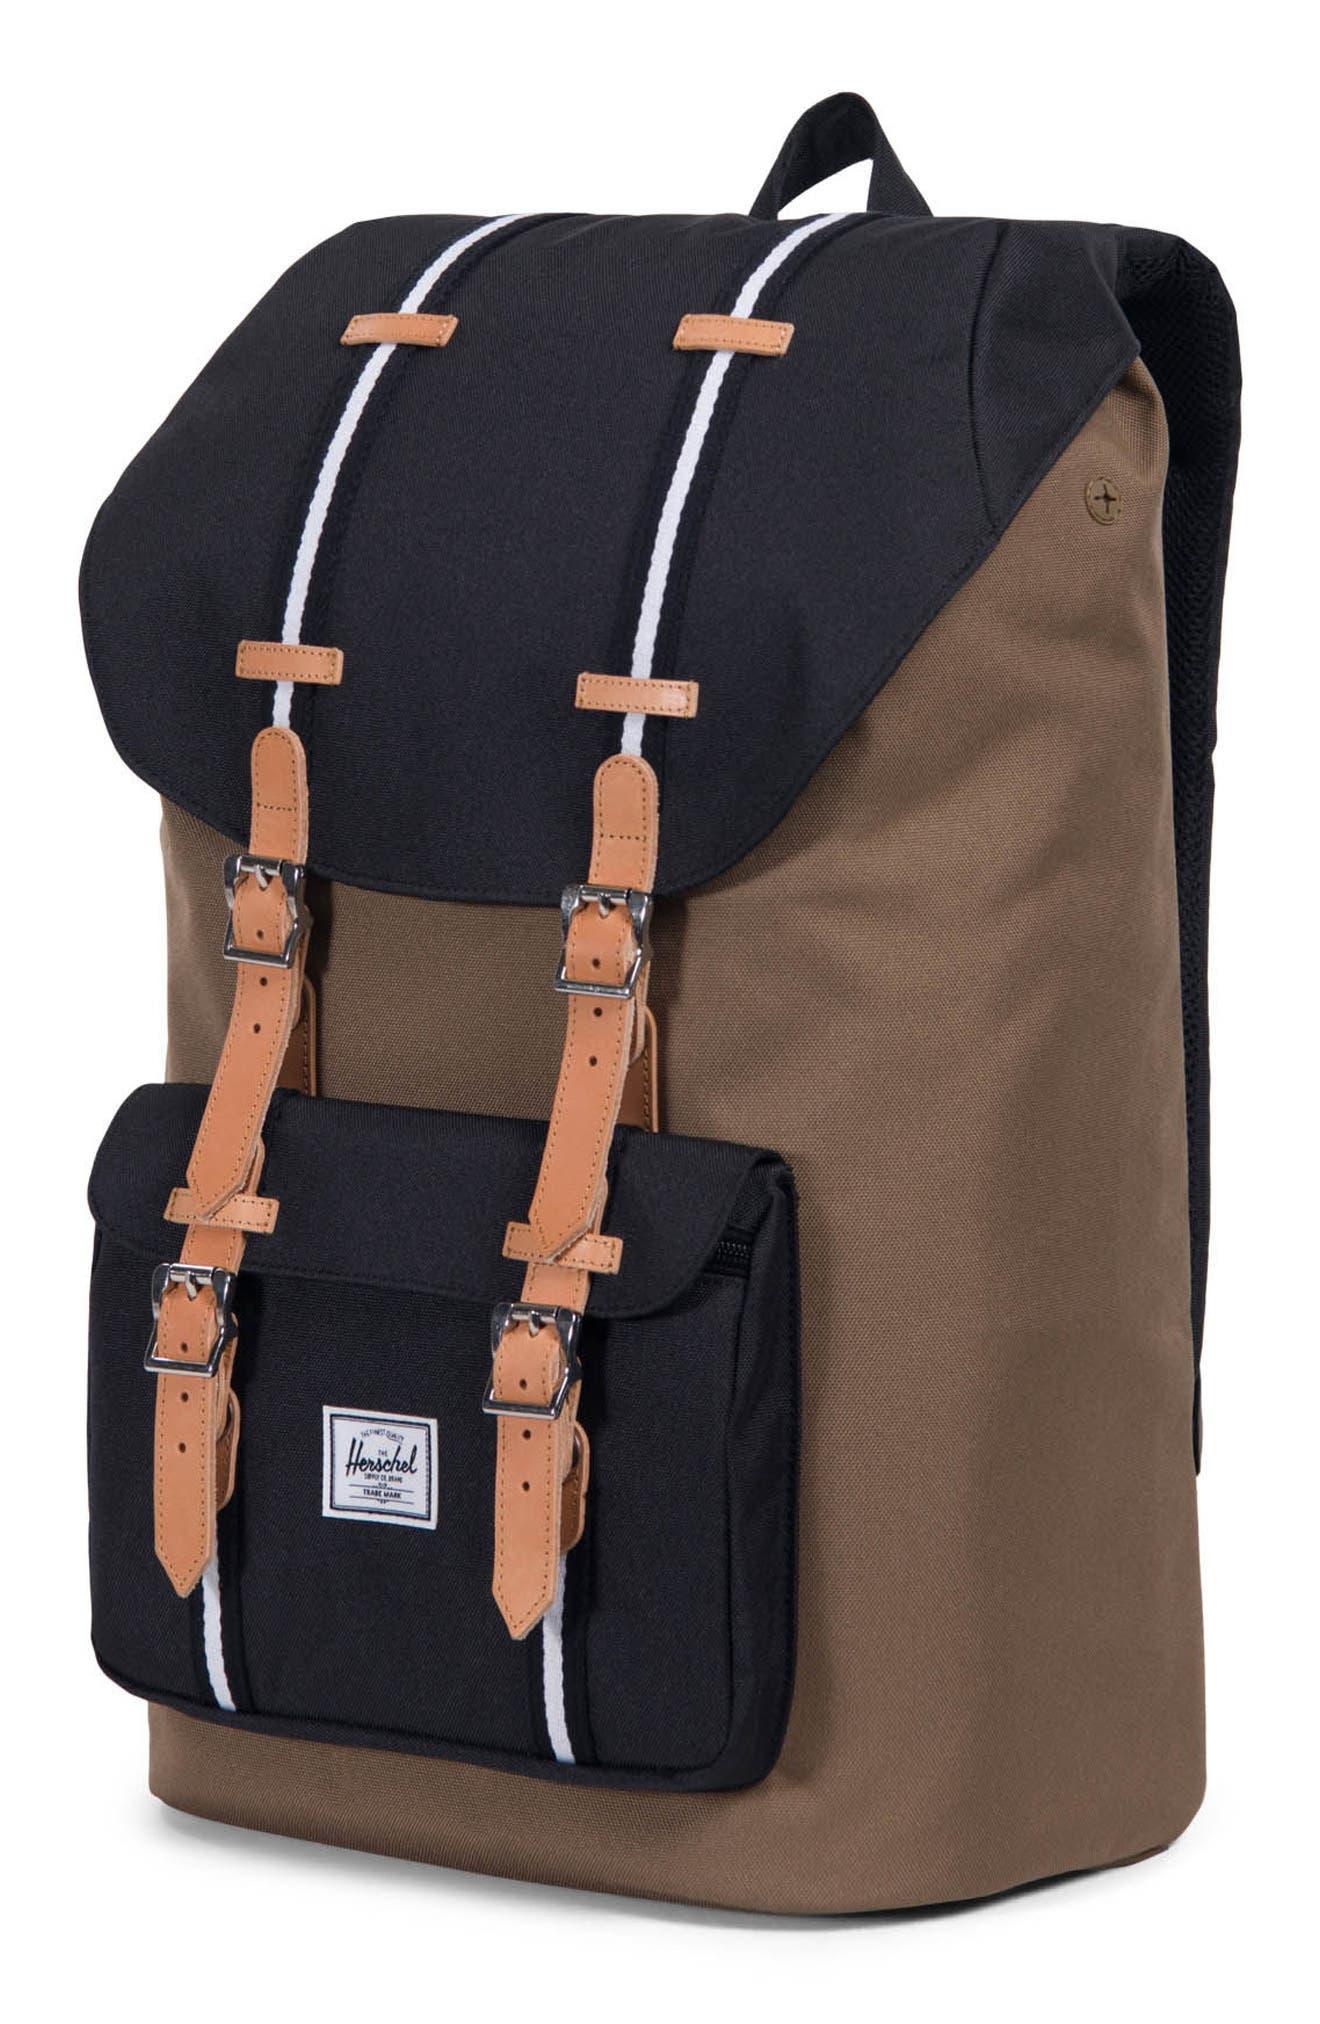 Little America Offset Stripe Backpack,                             Alternate thumbnail 4, color,                             Cub/ Black/ White